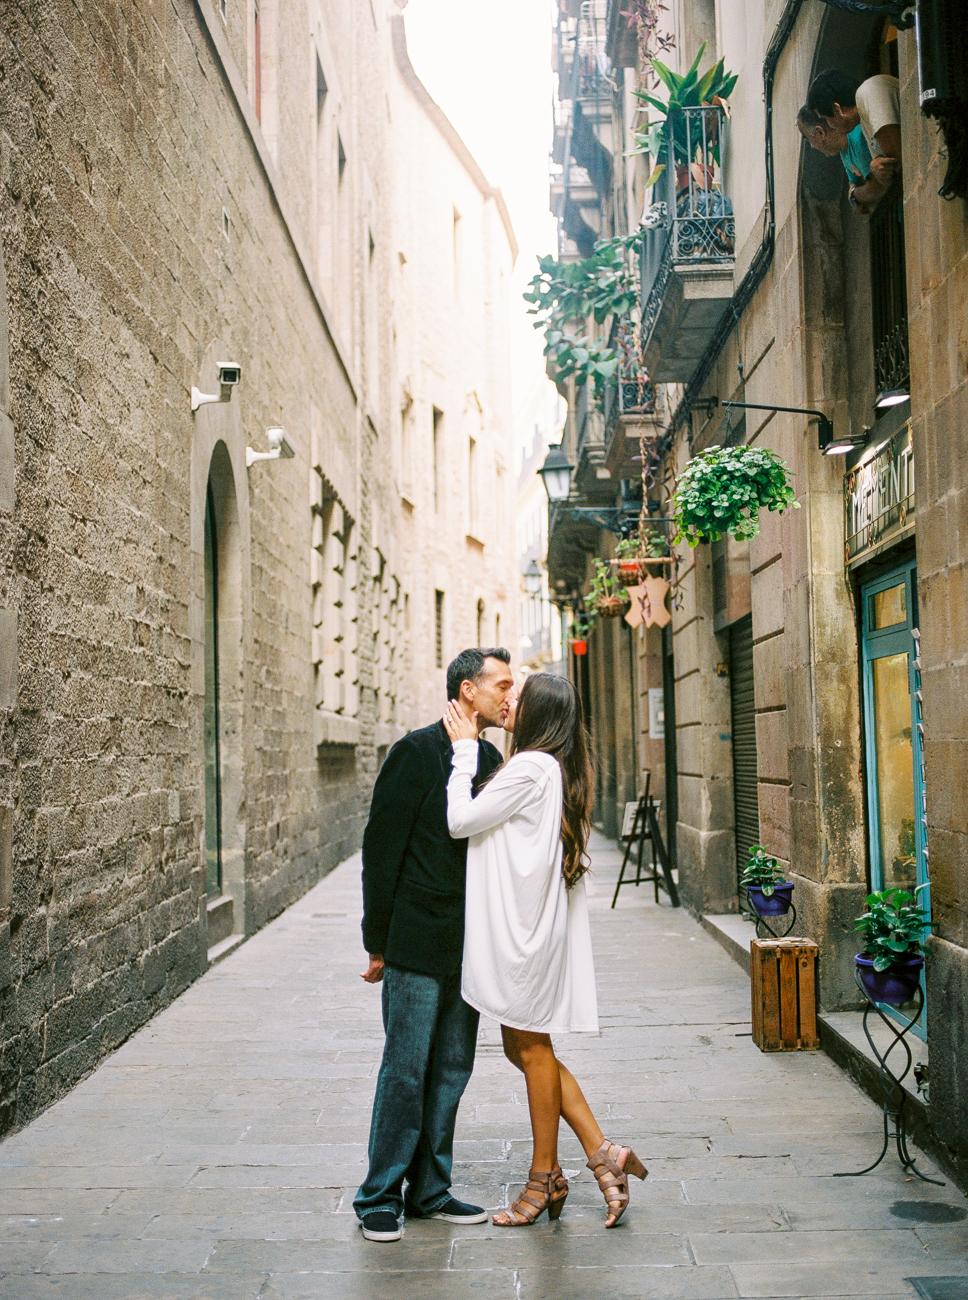 DennisRoyCoronel_Barcelona_Wedding-8.jpg